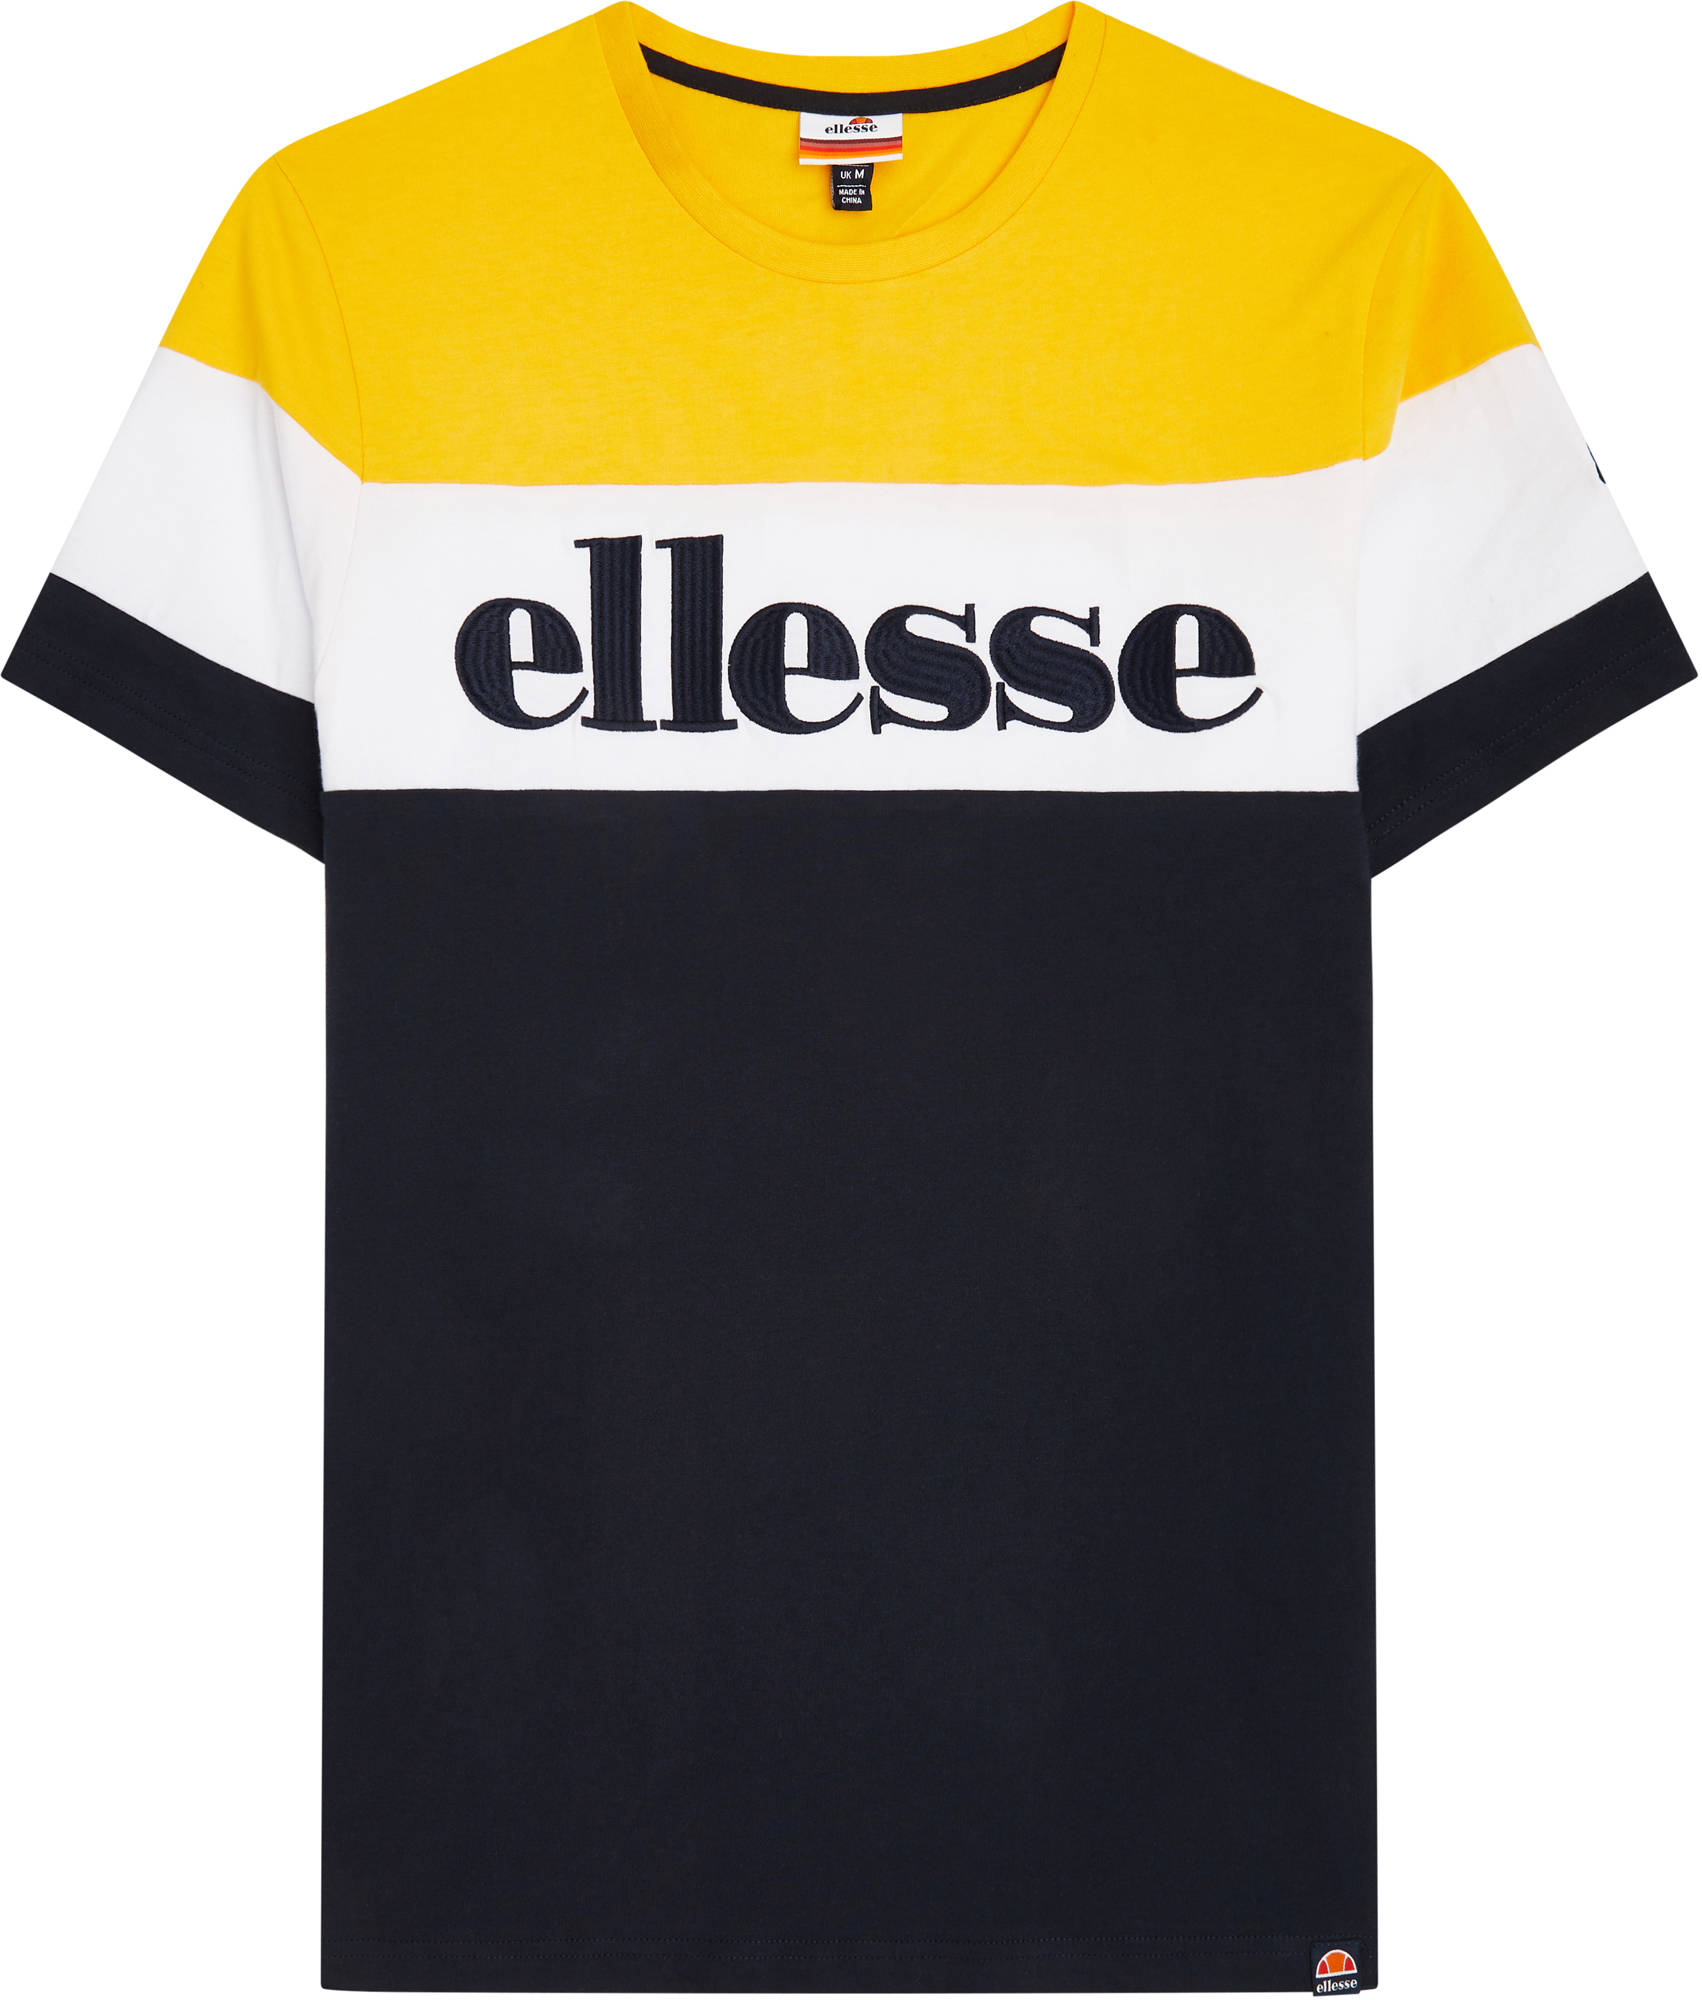 ELLESSE Футболка мужская Ellesse Punto, размер 52-54 ellesse олимпийка мужская ellesse caprini размер 52